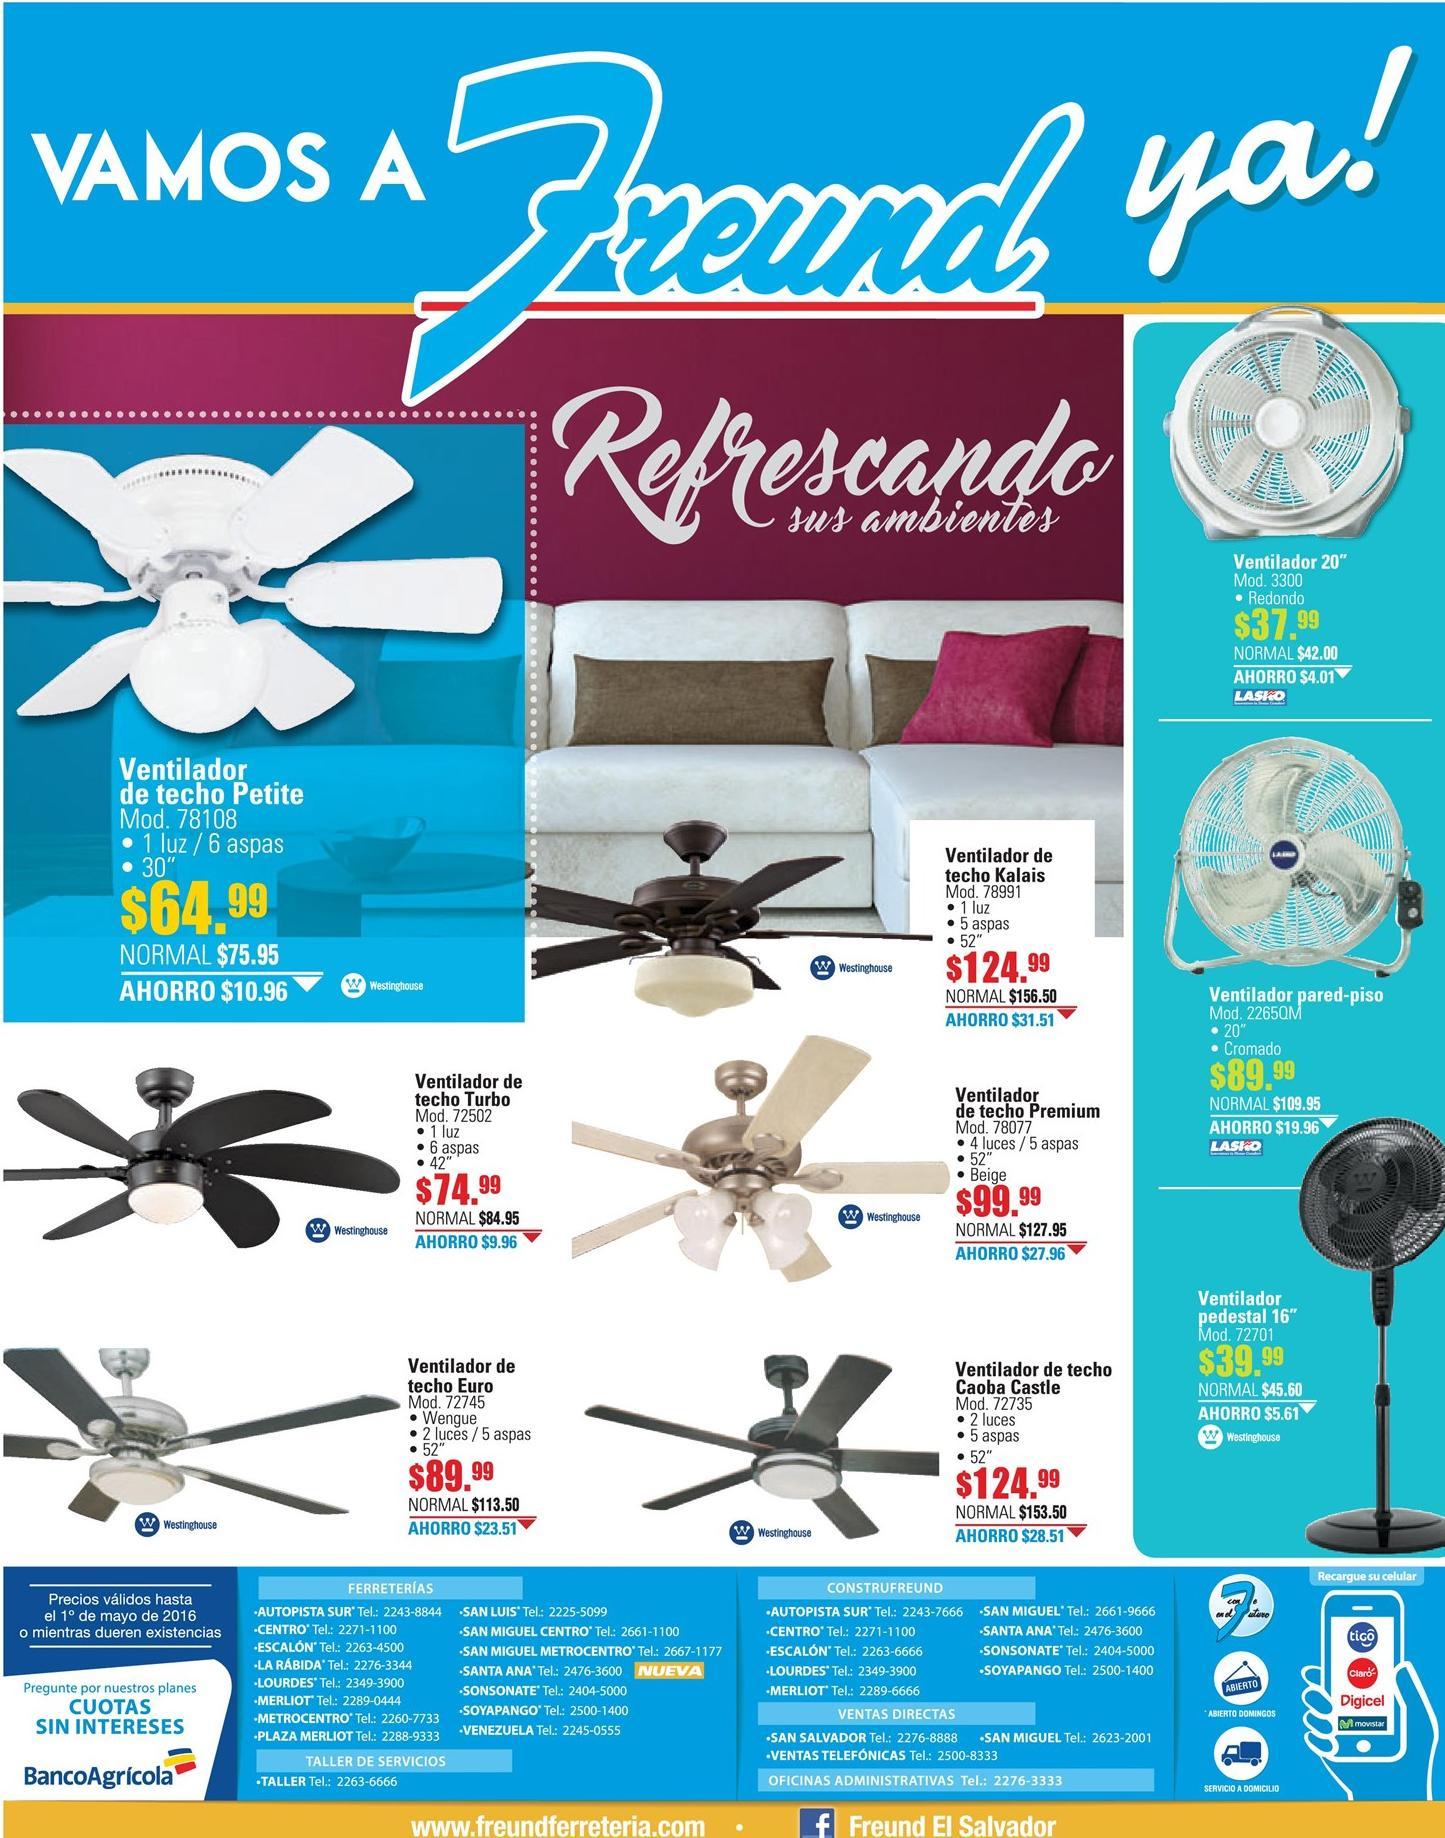 Freund temporada de calor ofertas en ventiladores para hogar y oficinas ofertas ahora - Ventiladores silenciosos hogar ...